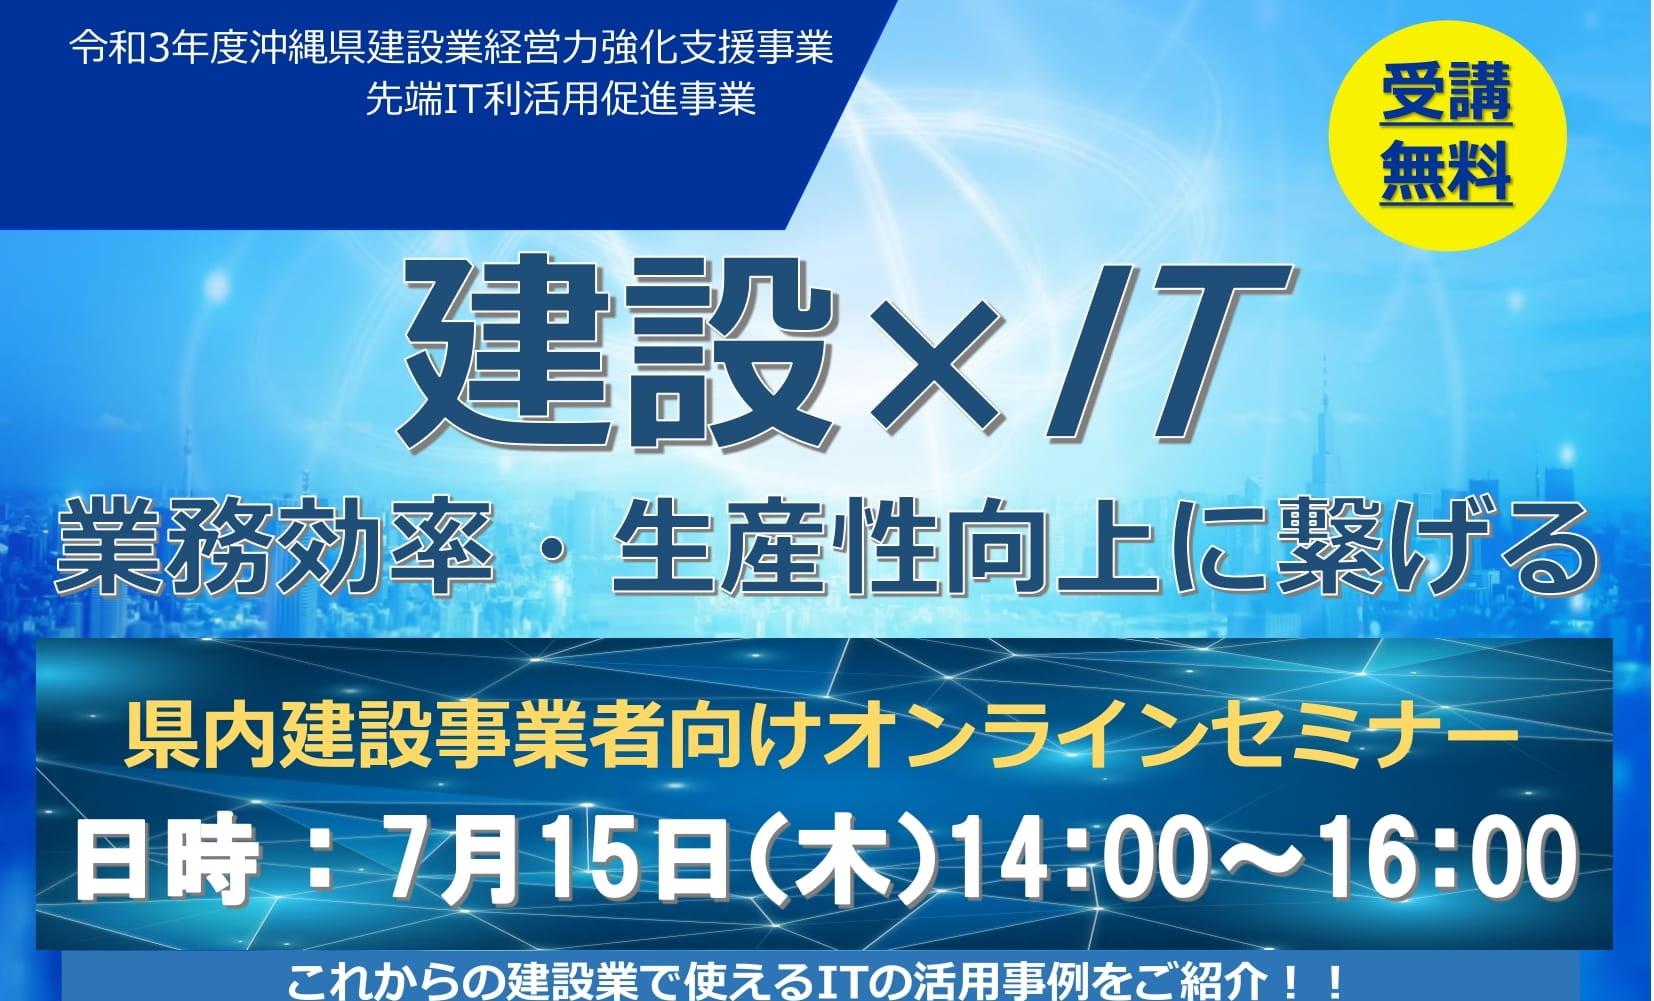 「建設×IT」セミナー開催のお知らせ